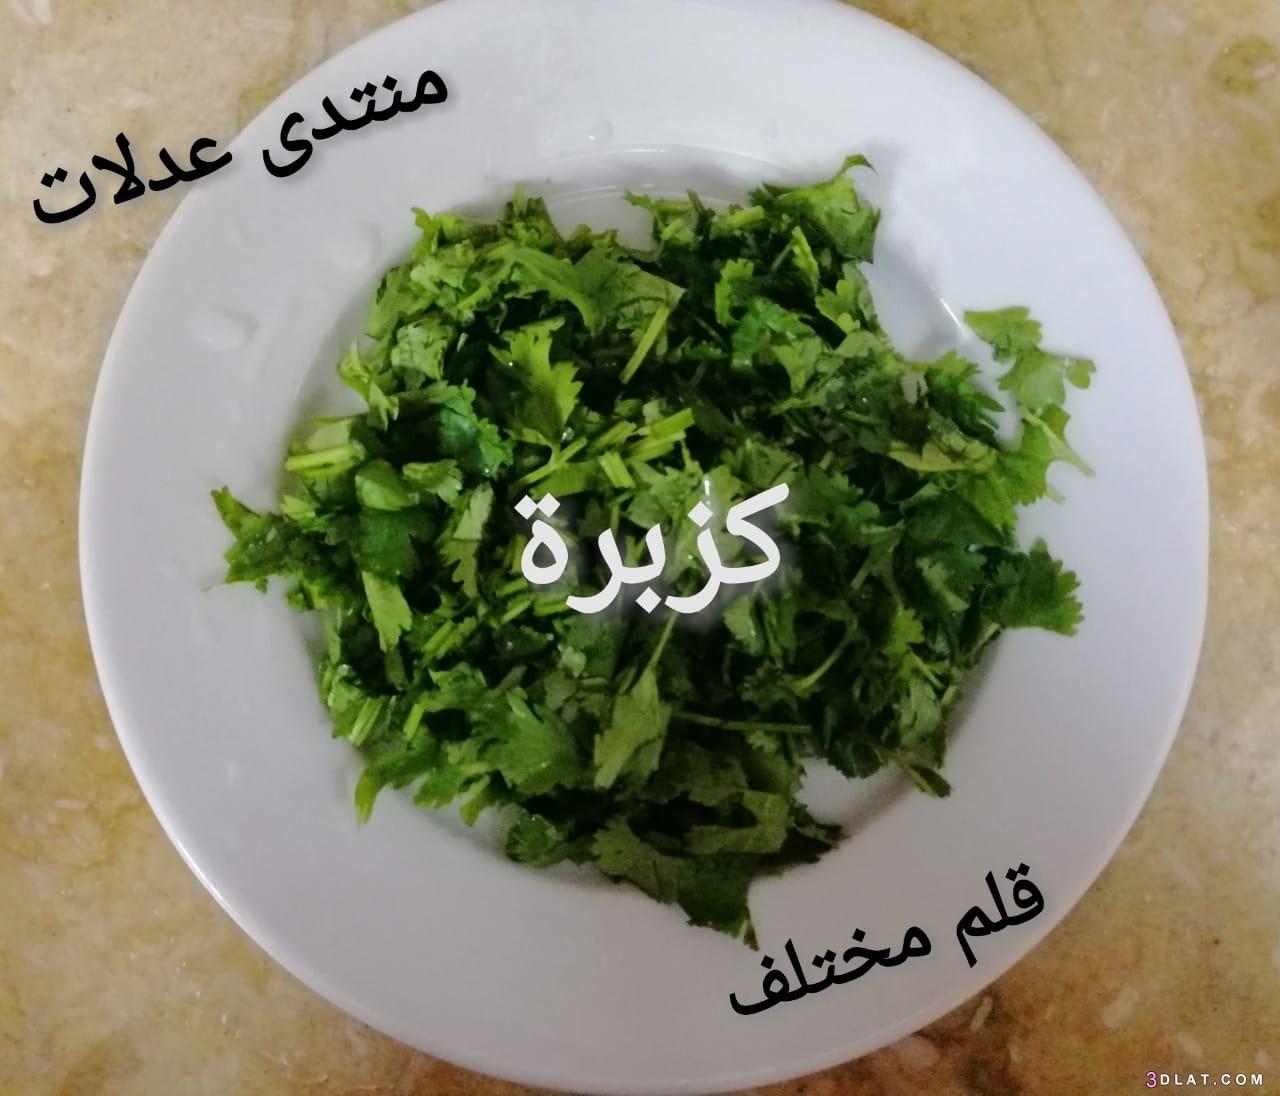 مطبخي ((قطع الدجاج الخضروات)) 3dlat.com_29_18_fcf2